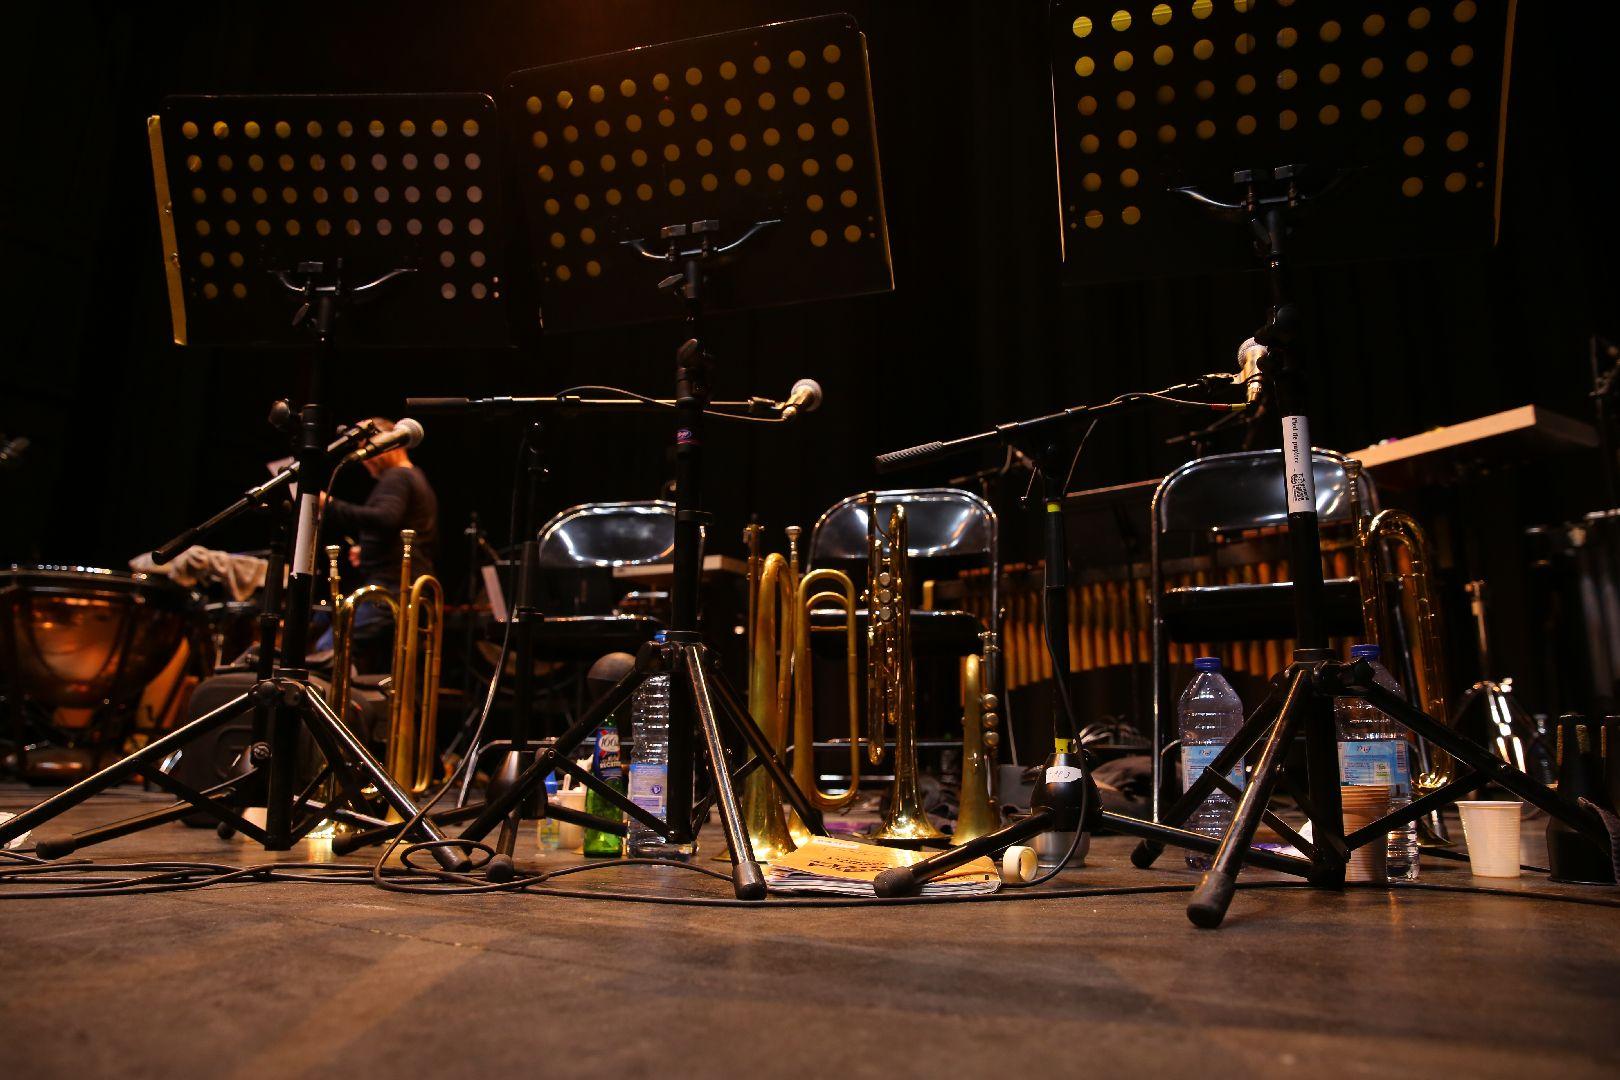 Malmaison 04.11.17 -041